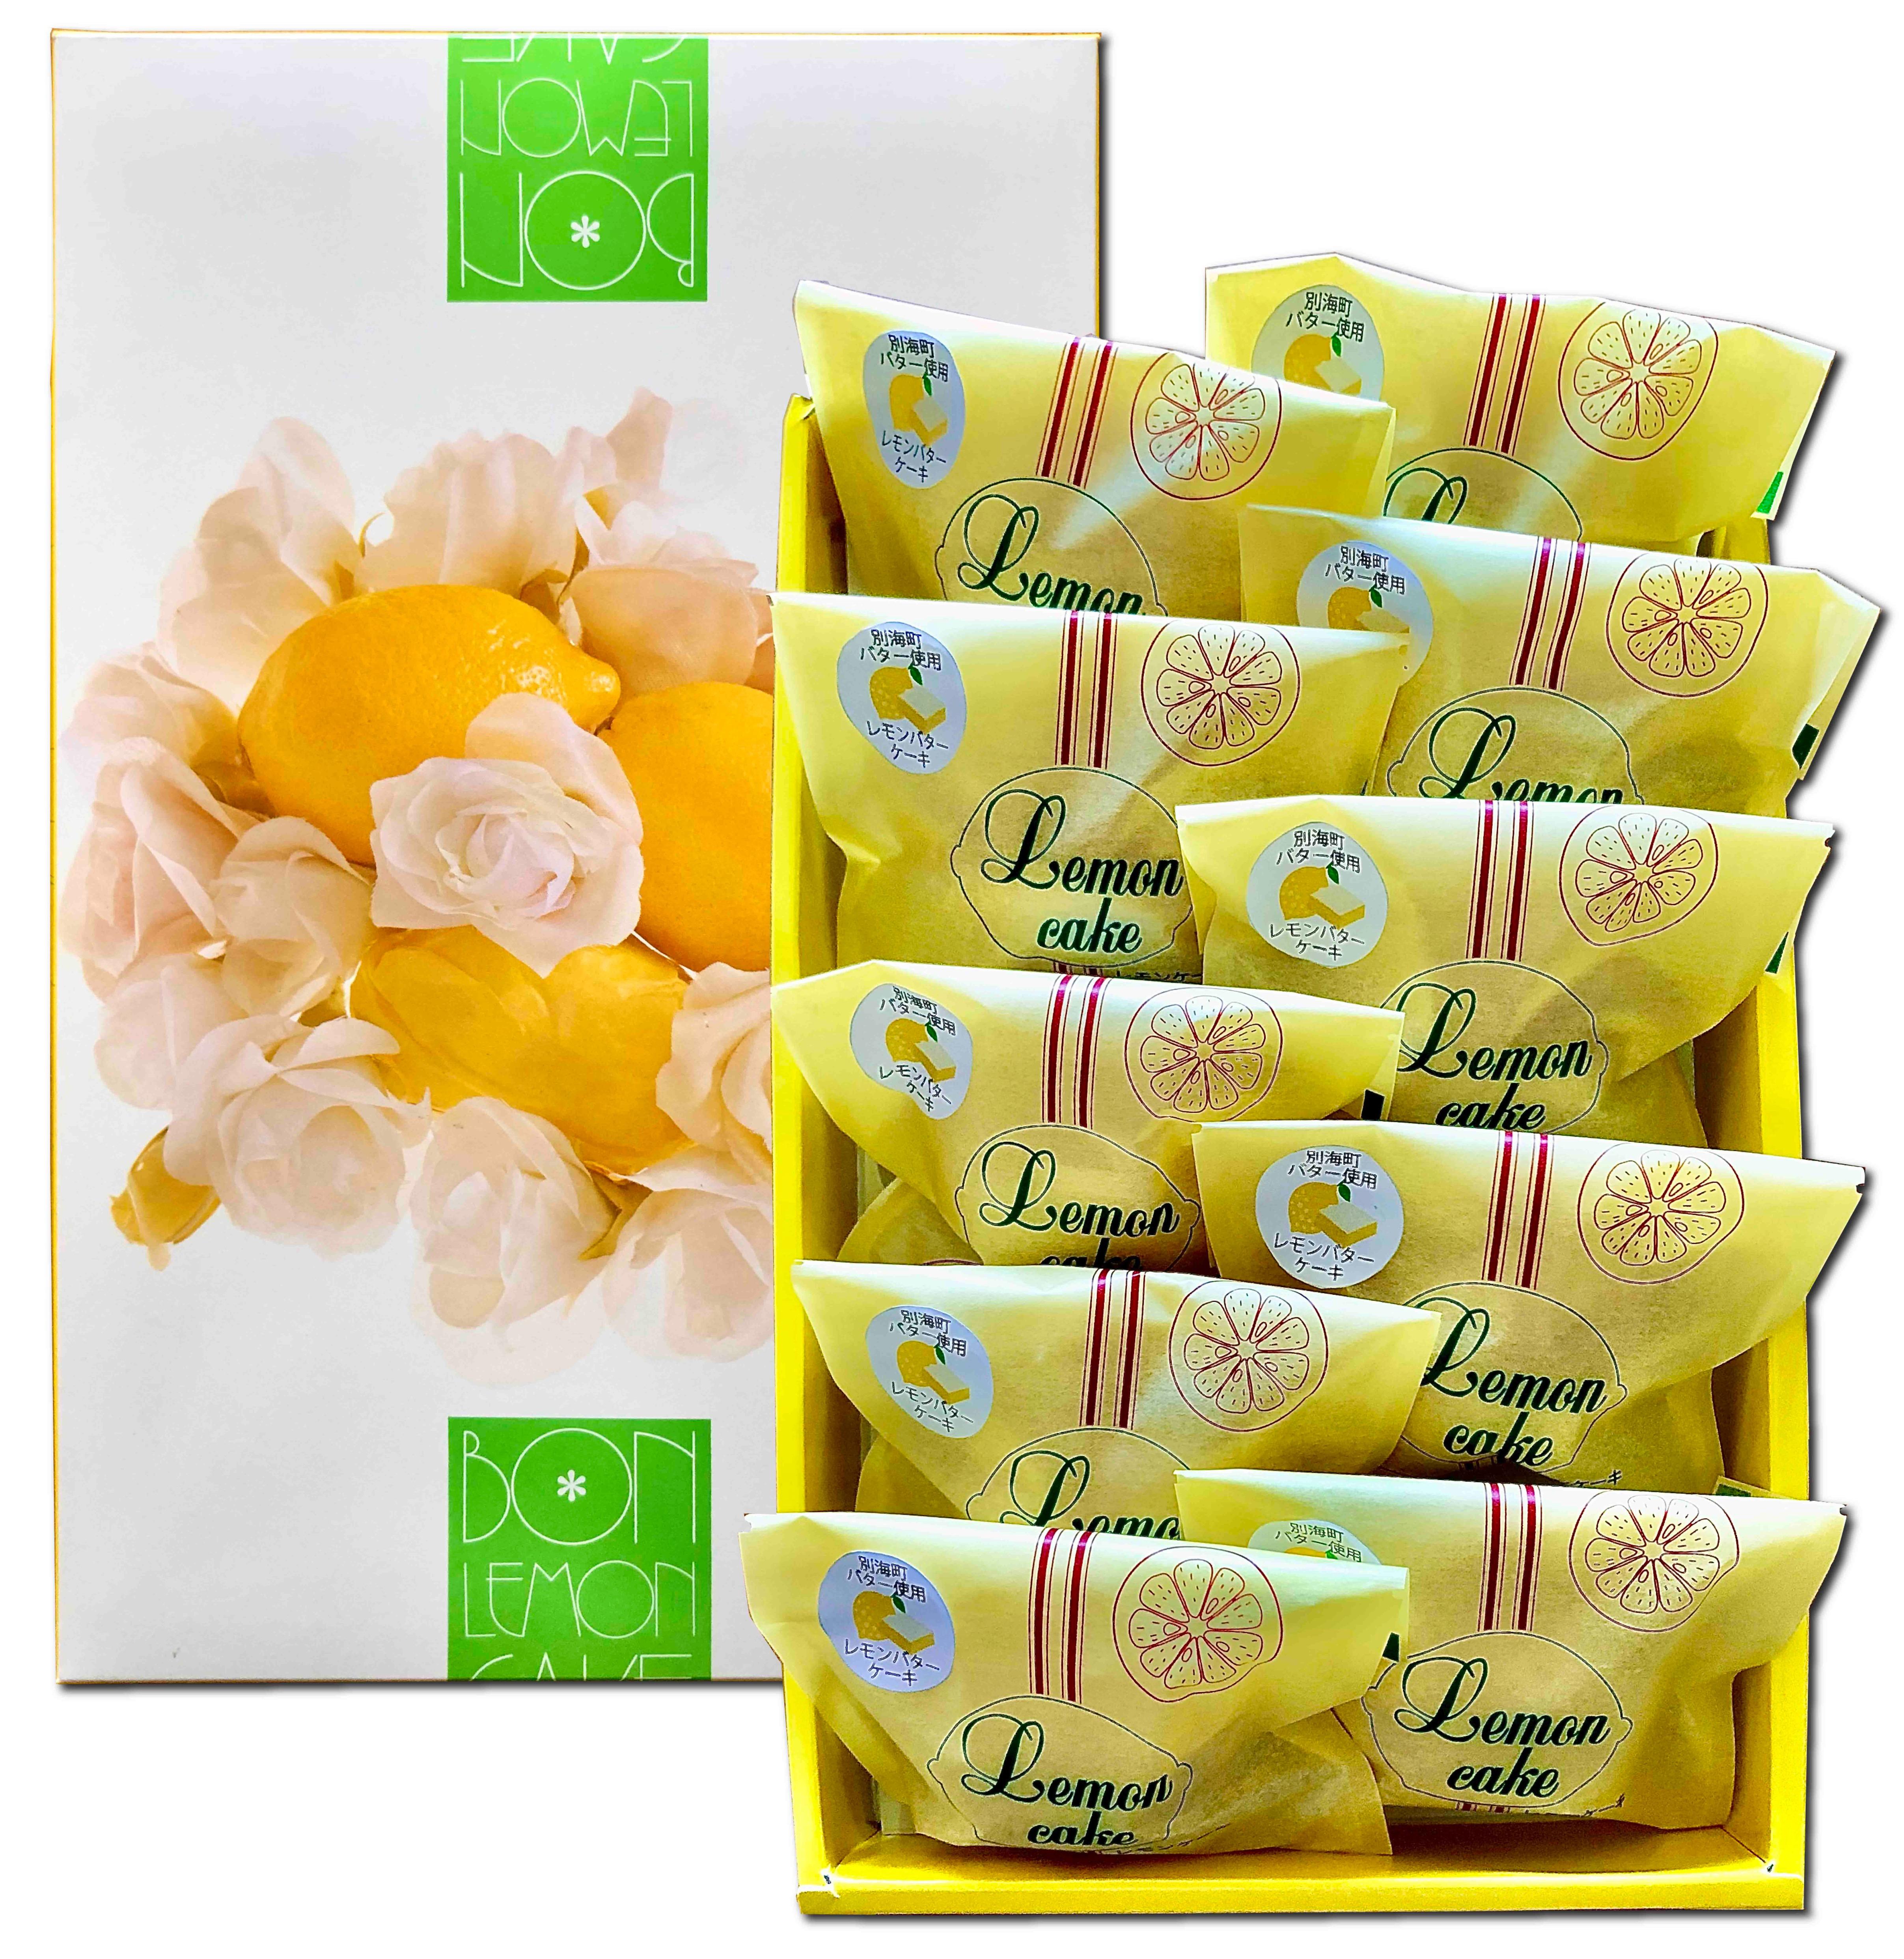 北海道 レモンバターケーキ 詰合せ 10個入 【酪農王国・北海道別海町のバター使用】